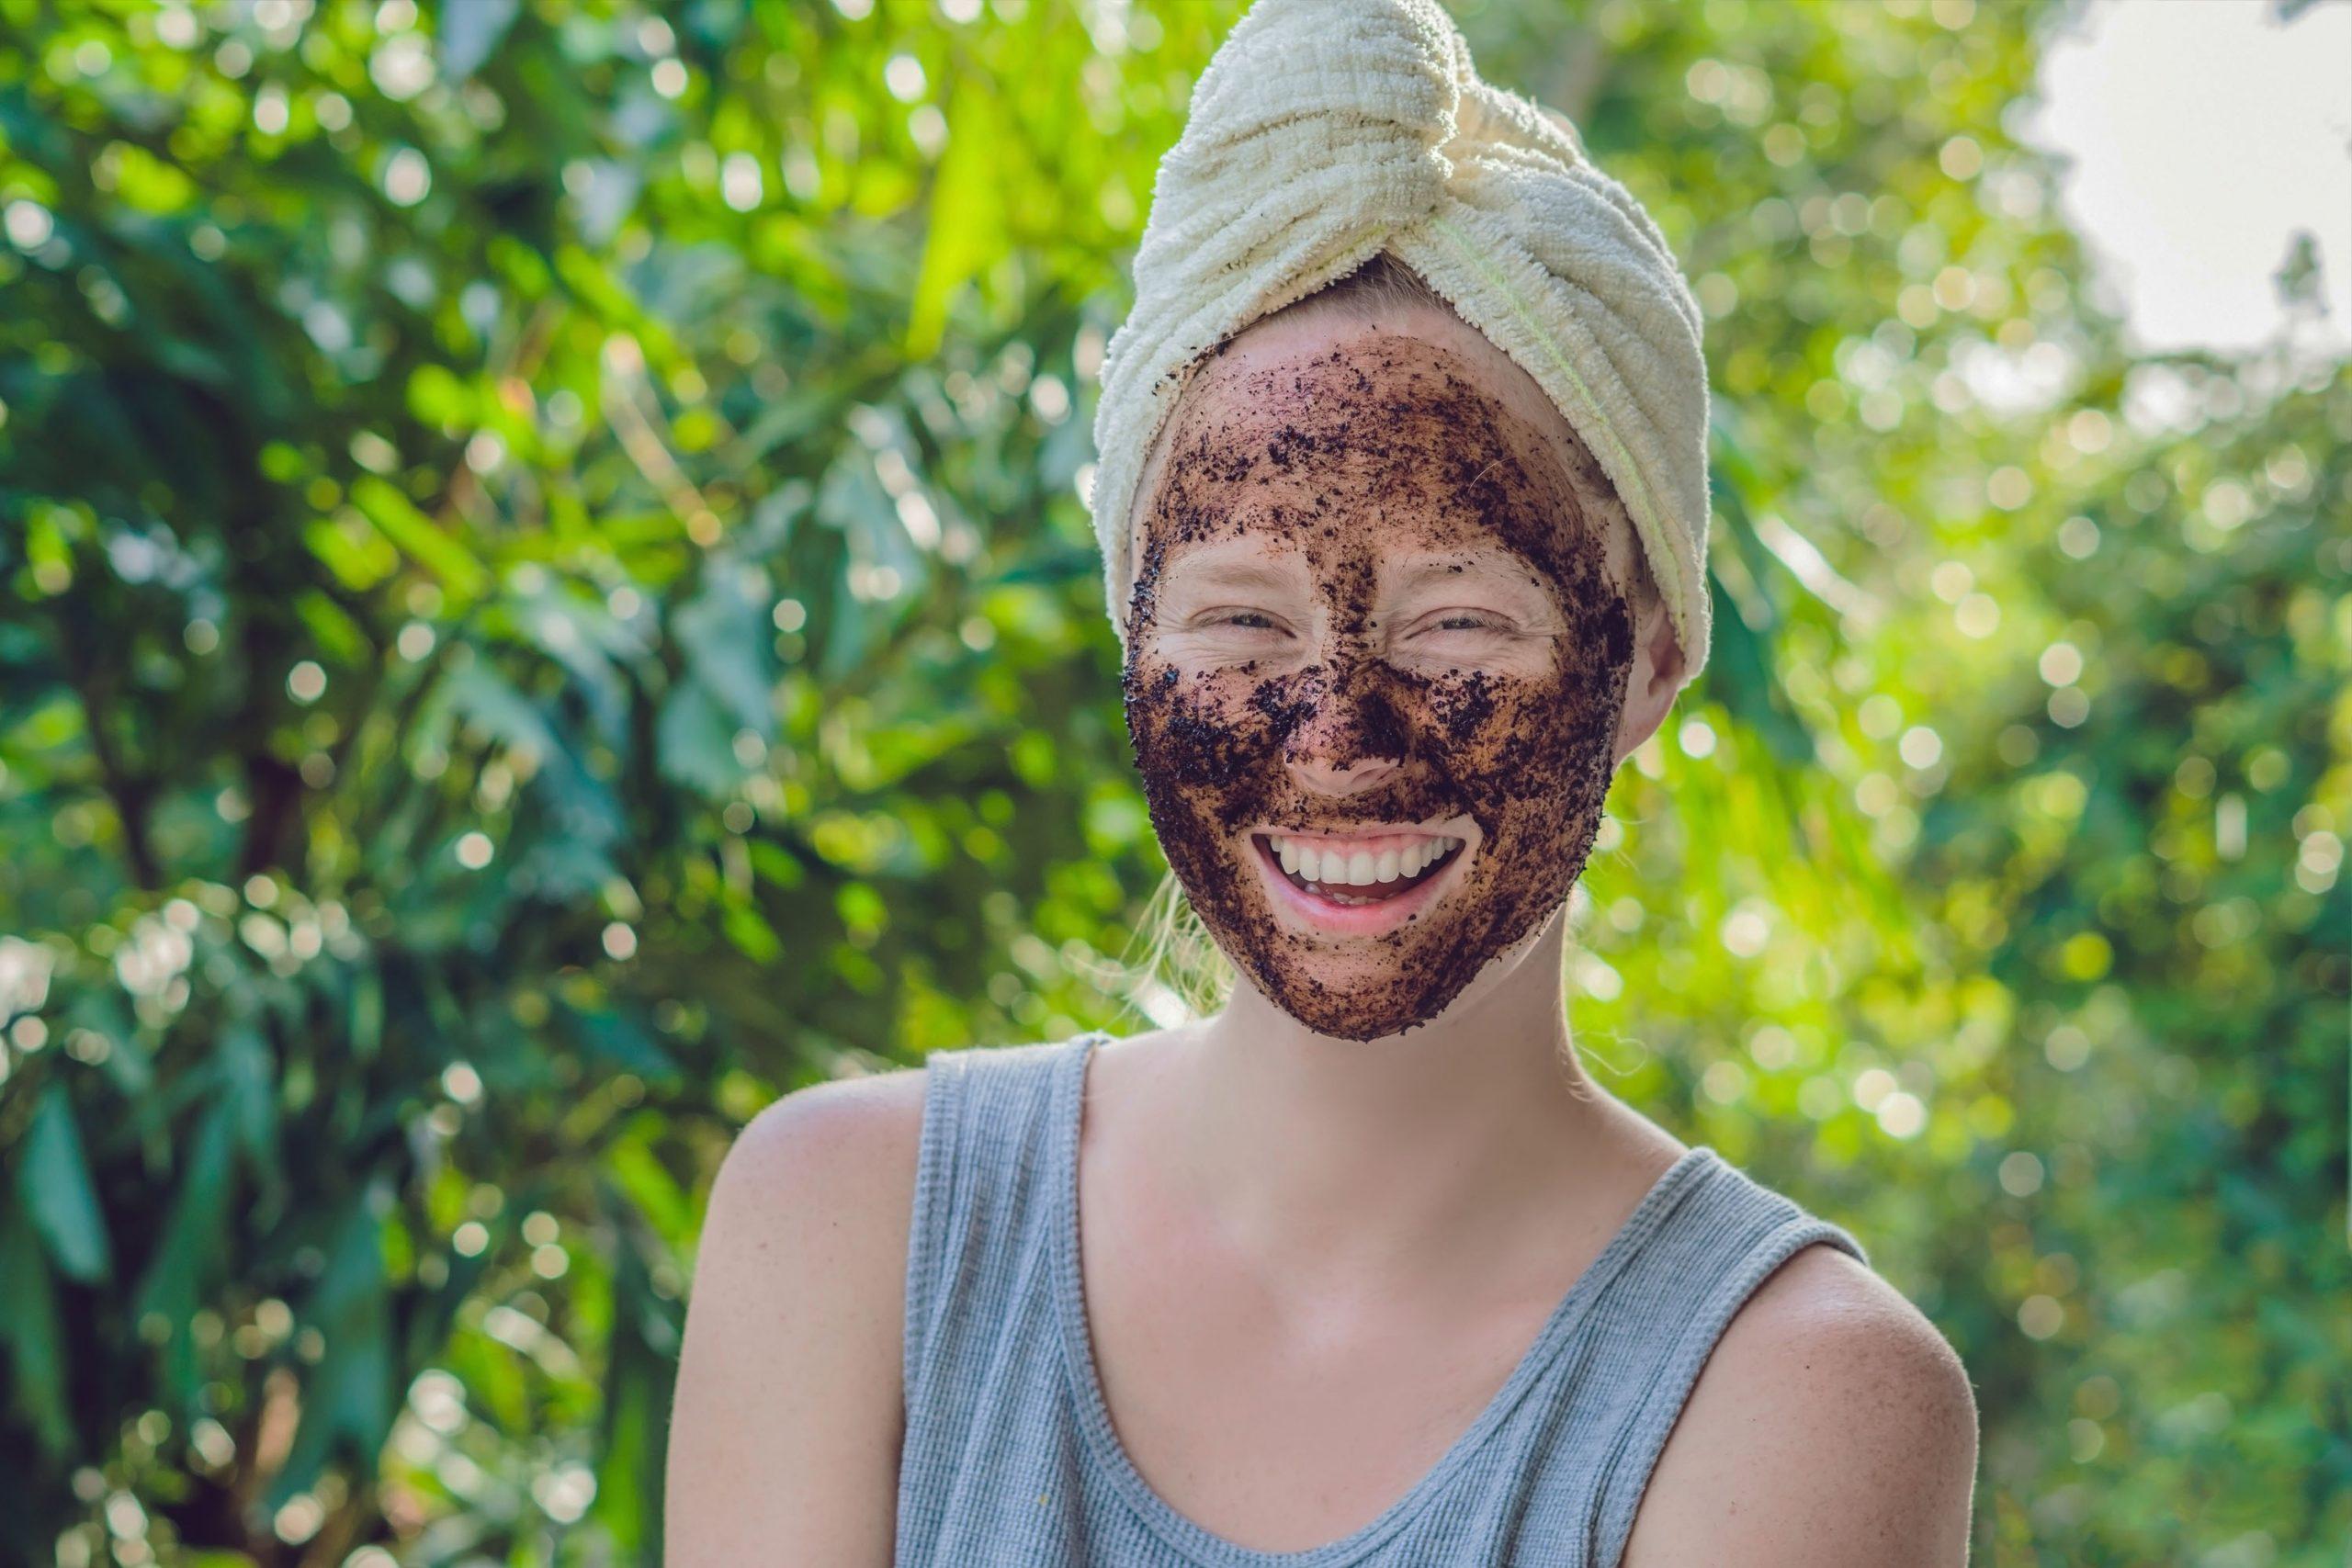 Gesichtsmaske selbst machen